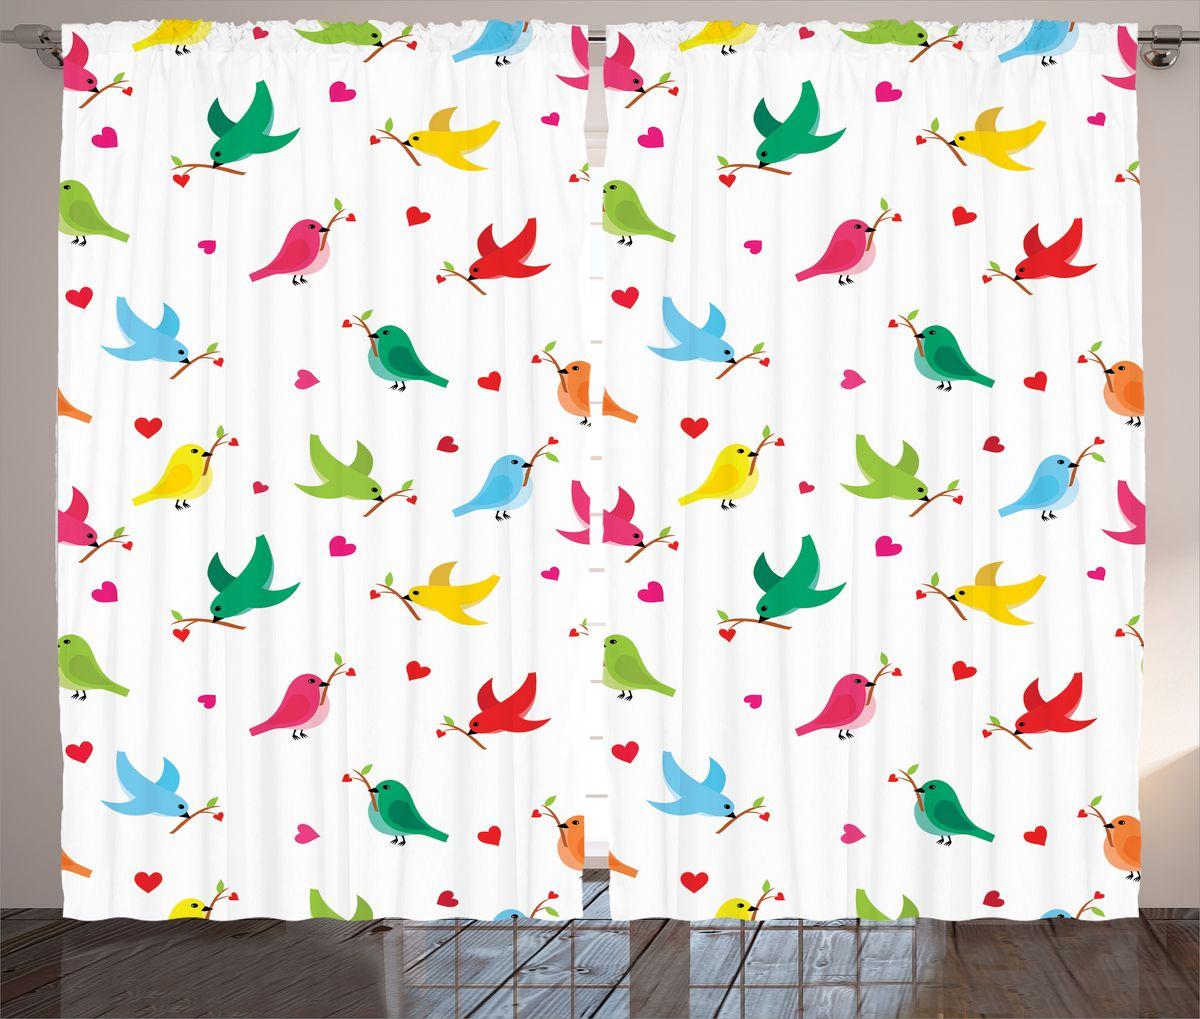 Комплект фотоштор Magic Lady Разноцветные птички, на ленте, высота 265 см. шсг_14285шсг_14285Компания Сэмболь изготавливает шторы из высококачественного сатена (полиэстер 100%). При изготовлении используются специальные гипоаллергенные чернила для прямой печати по ткани, безопасные для человека и животных. Экологичность продукции Magic lady и безопасность для окружающей среды подтверждены сертификатом Oeko-Tex Standard 100. Крепление: крючки для крепления на шторной ленте (50 шт). Возможно крепление на трубу. Внимание! При нанесении сублимационной печати на ткань технологическим методом при температуре 240°С, возможно отклонение полученных размеров (указанных на этикетке и сайте) от стандартных на + - 3-5 см. Производитель старается максимально точно передать цвета изделия на фотографиях, однако искажения неизбежны и фактический цвет изделия может отличаться от воспринимаемого по фото. Обратите внимание! Шторы изготовлены из полиэстра сатенового переплетения, а не из сатина (хлопок). Размер одного полотна шторы: 145х265 см. В комплекте 2...